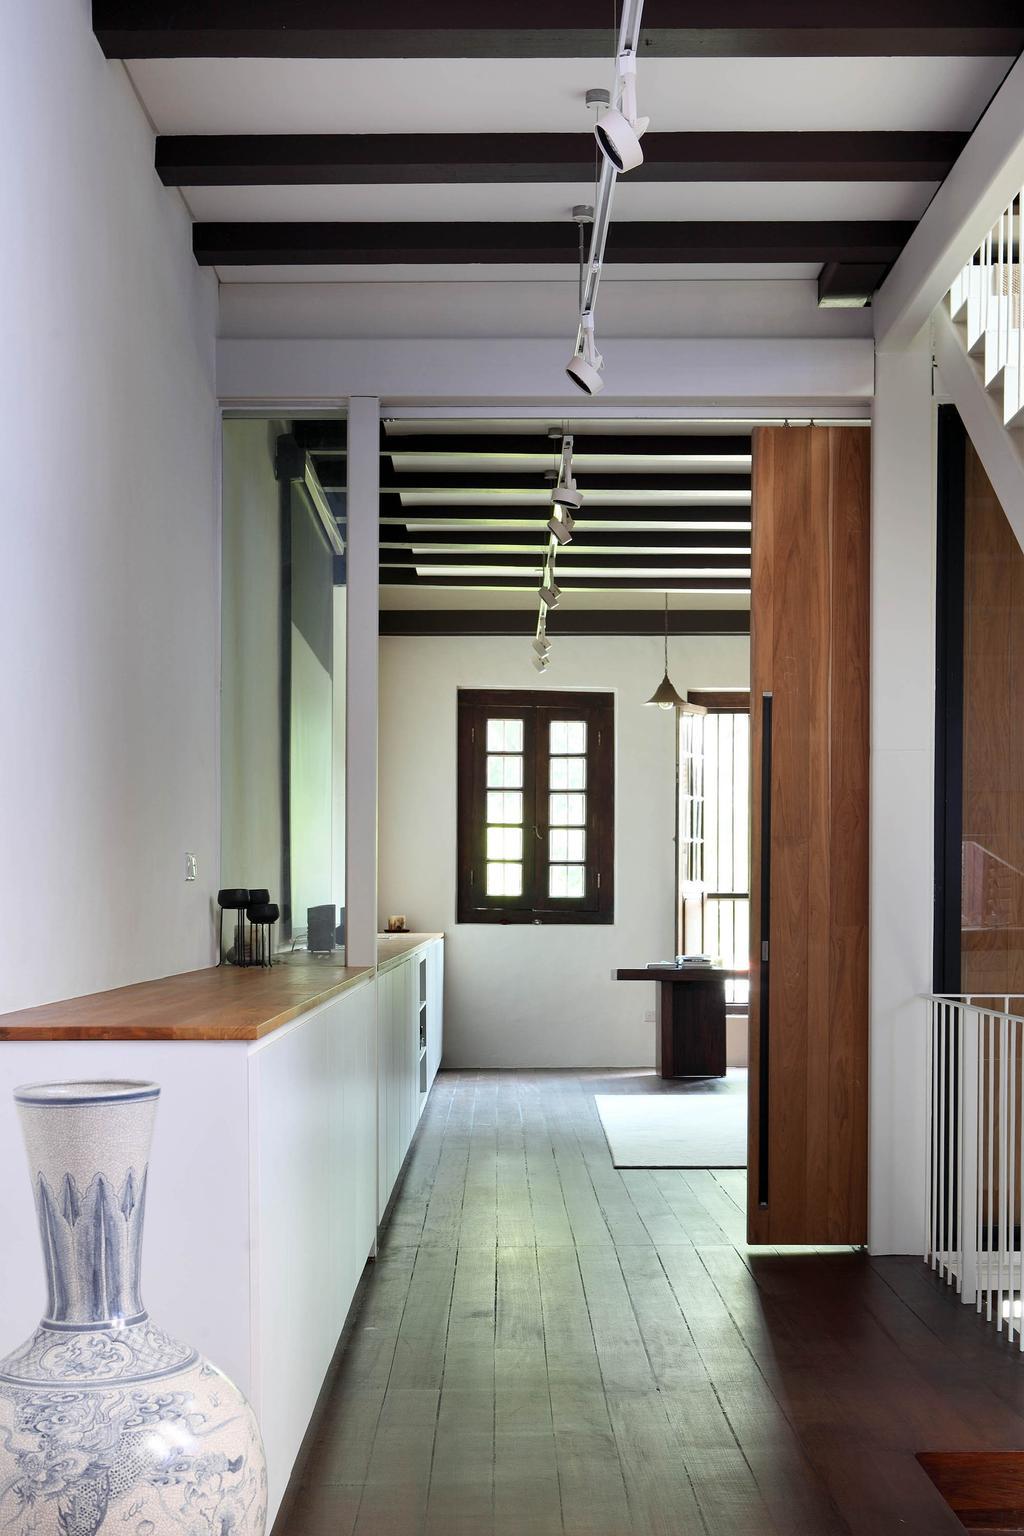 Traditional, Landed, Neil Road Shophouse, Interior Designer, The Design Abode, Wooden Beams, Track Lighting, Track Lights, Vase, Oriental, Door, Sliding Door